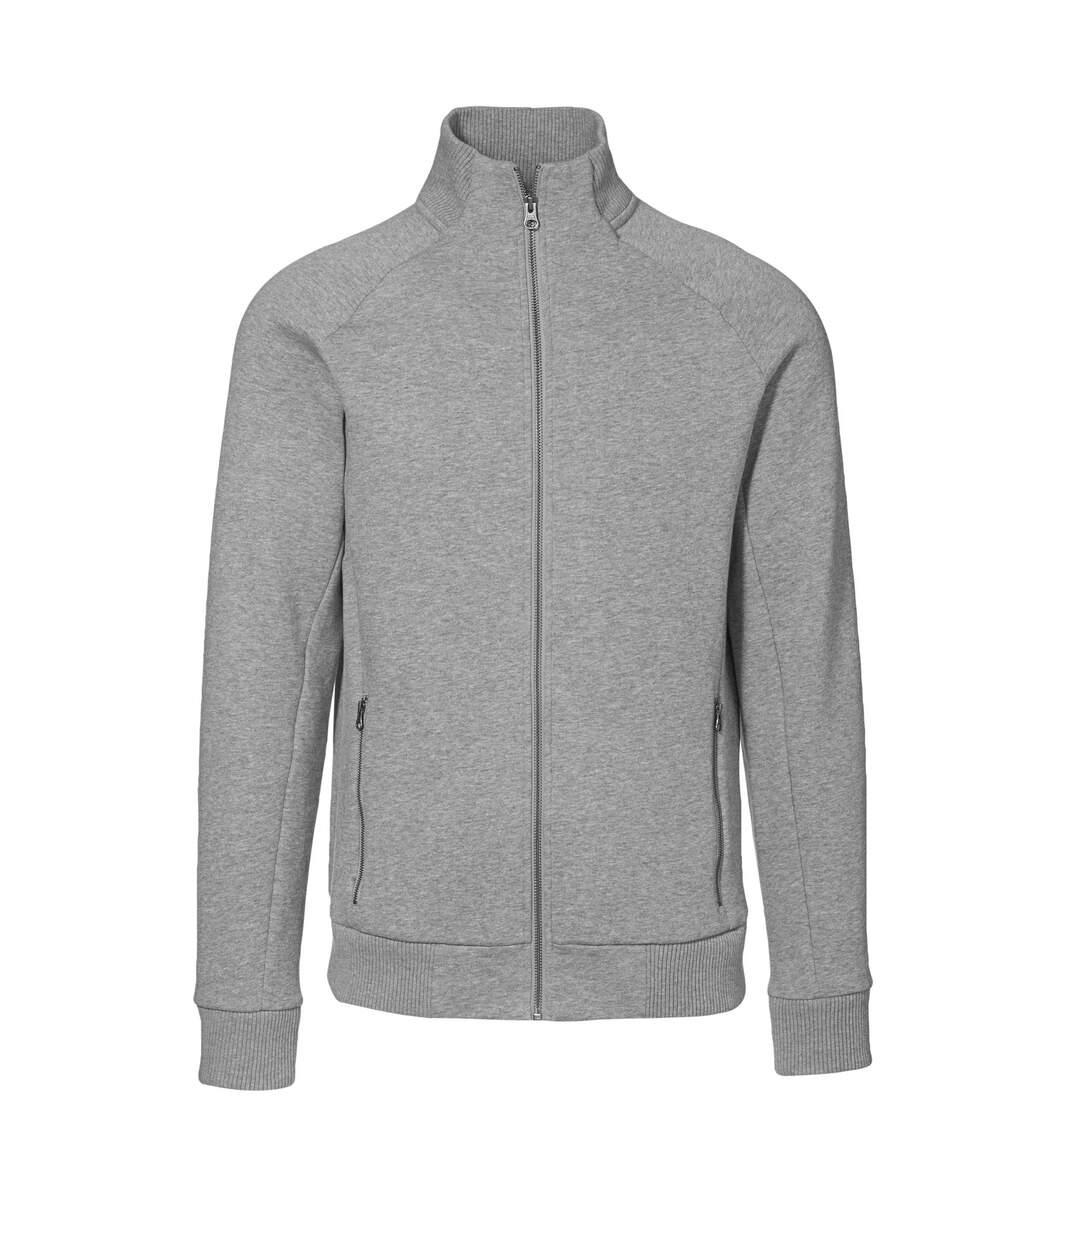 ID Mens Fitted Full Zip Fleece Jacket (Grey Melange) - UTID389